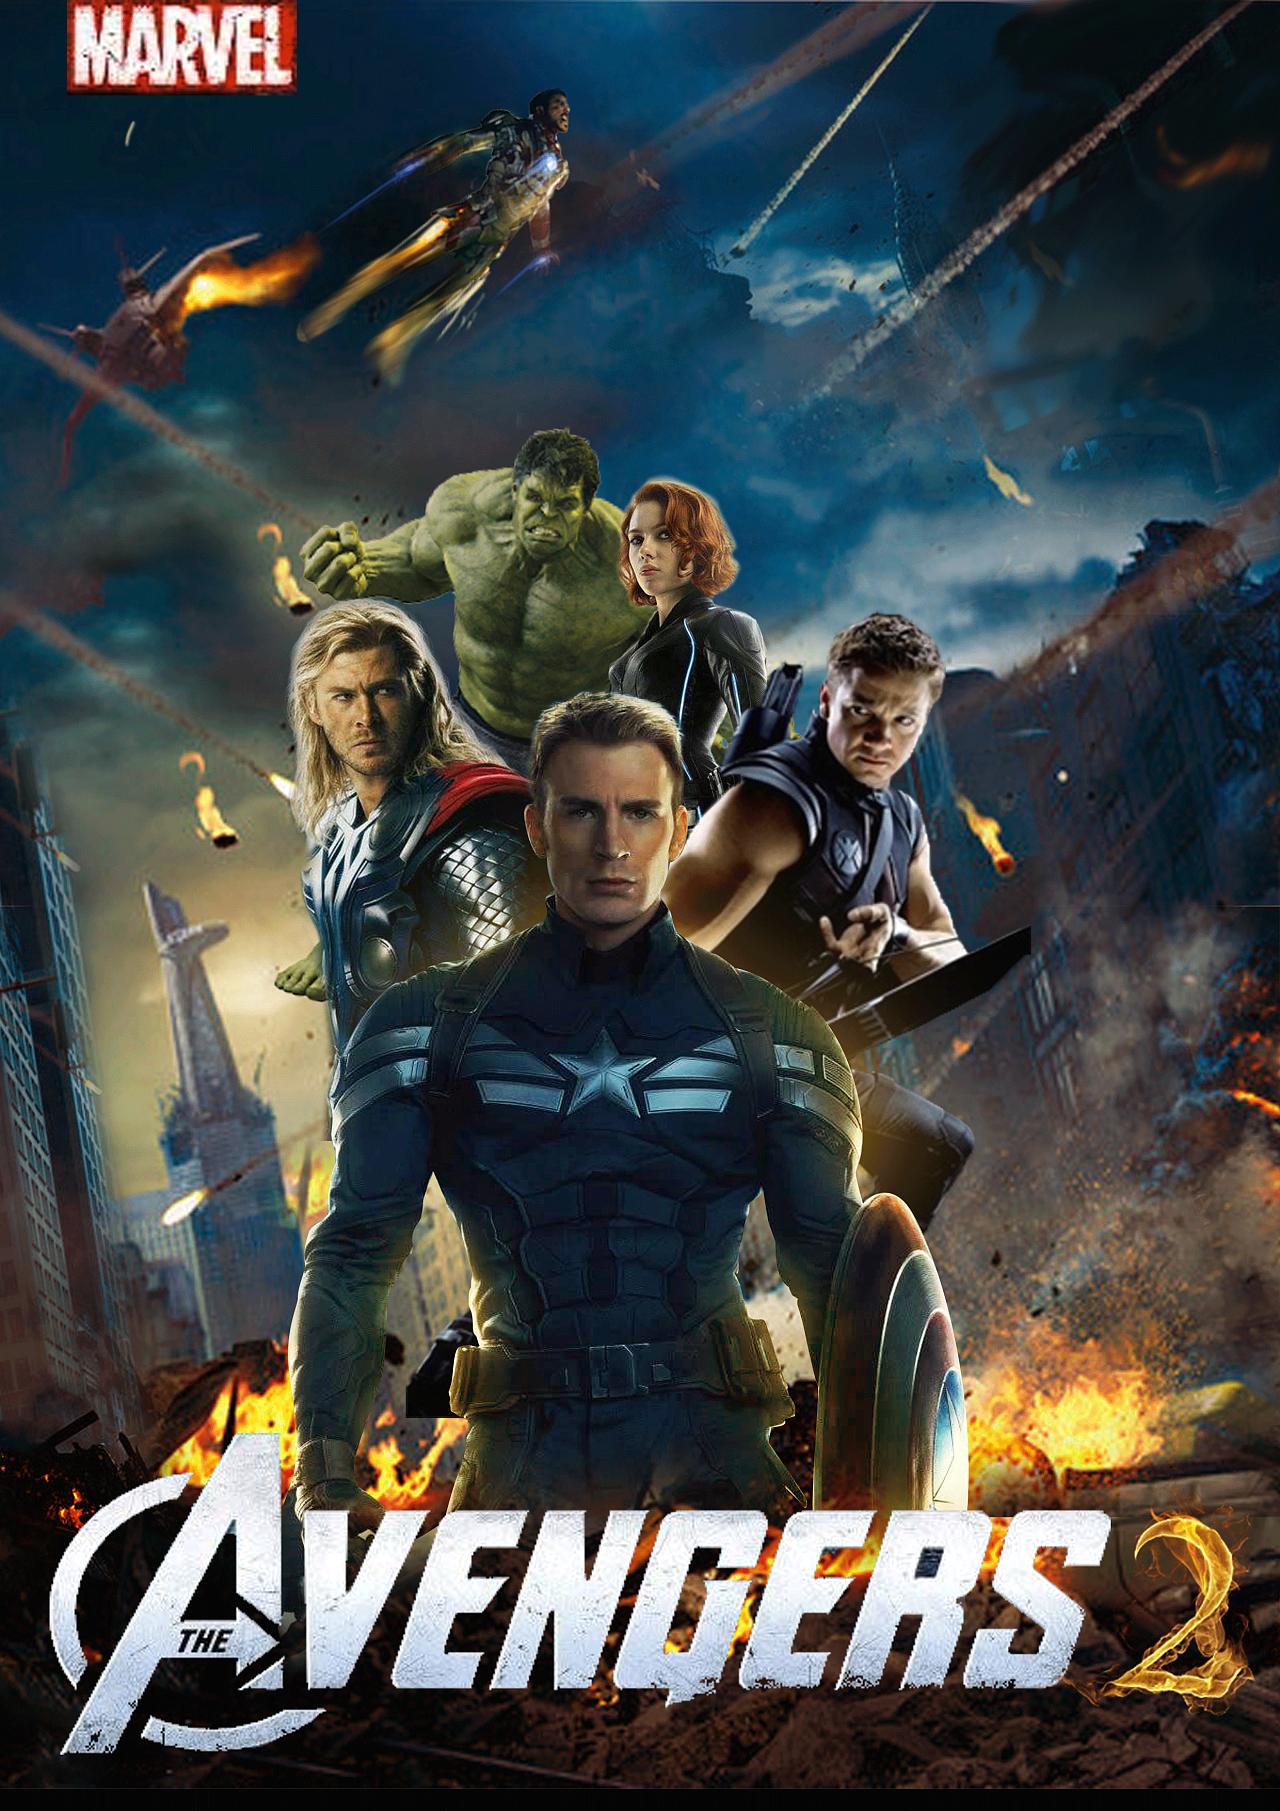 复仇者联盟电影海报